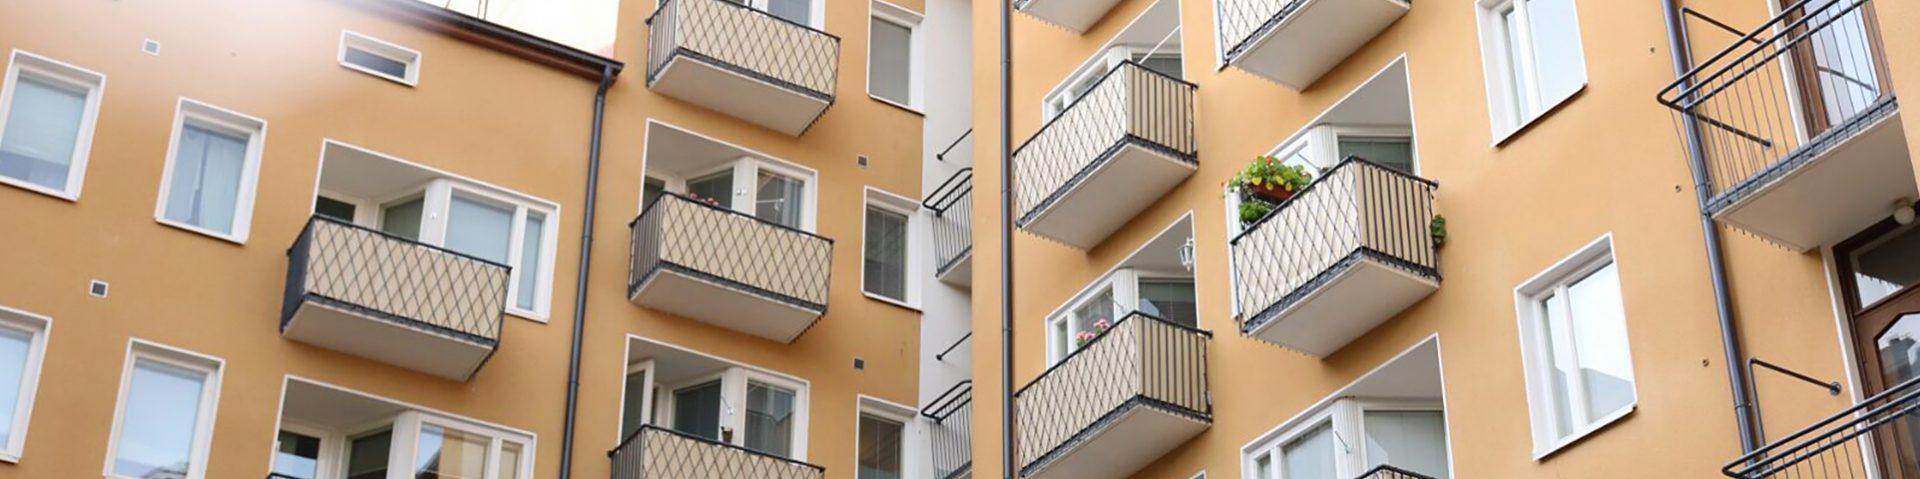 Taloyhtiöiden linjasaneerausta ammattitaidolla. Rakennusliike TRT toteuttaa putkiremontit taloyhtiöissä. Kysy lisää!